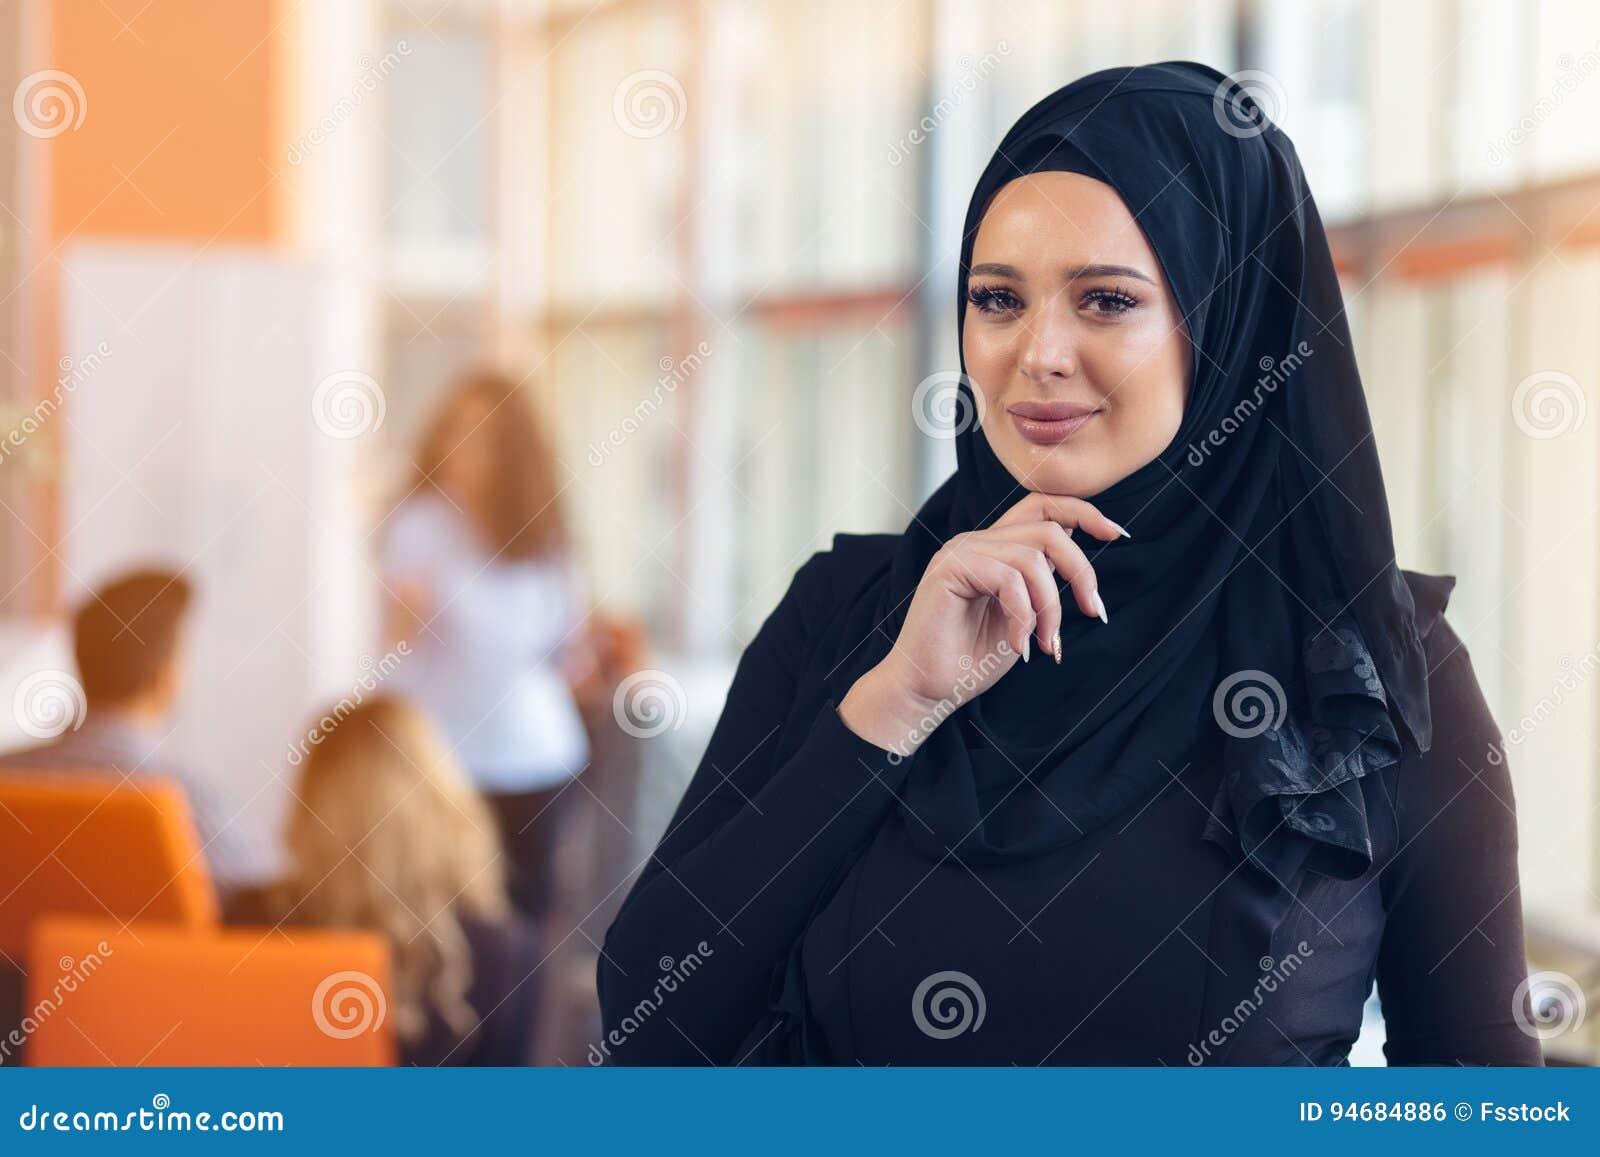 Ελκυστικό πορτρέτο της νέας μουσουλμανικής γυναίκας με το μαύρο hijab στο γραφείο